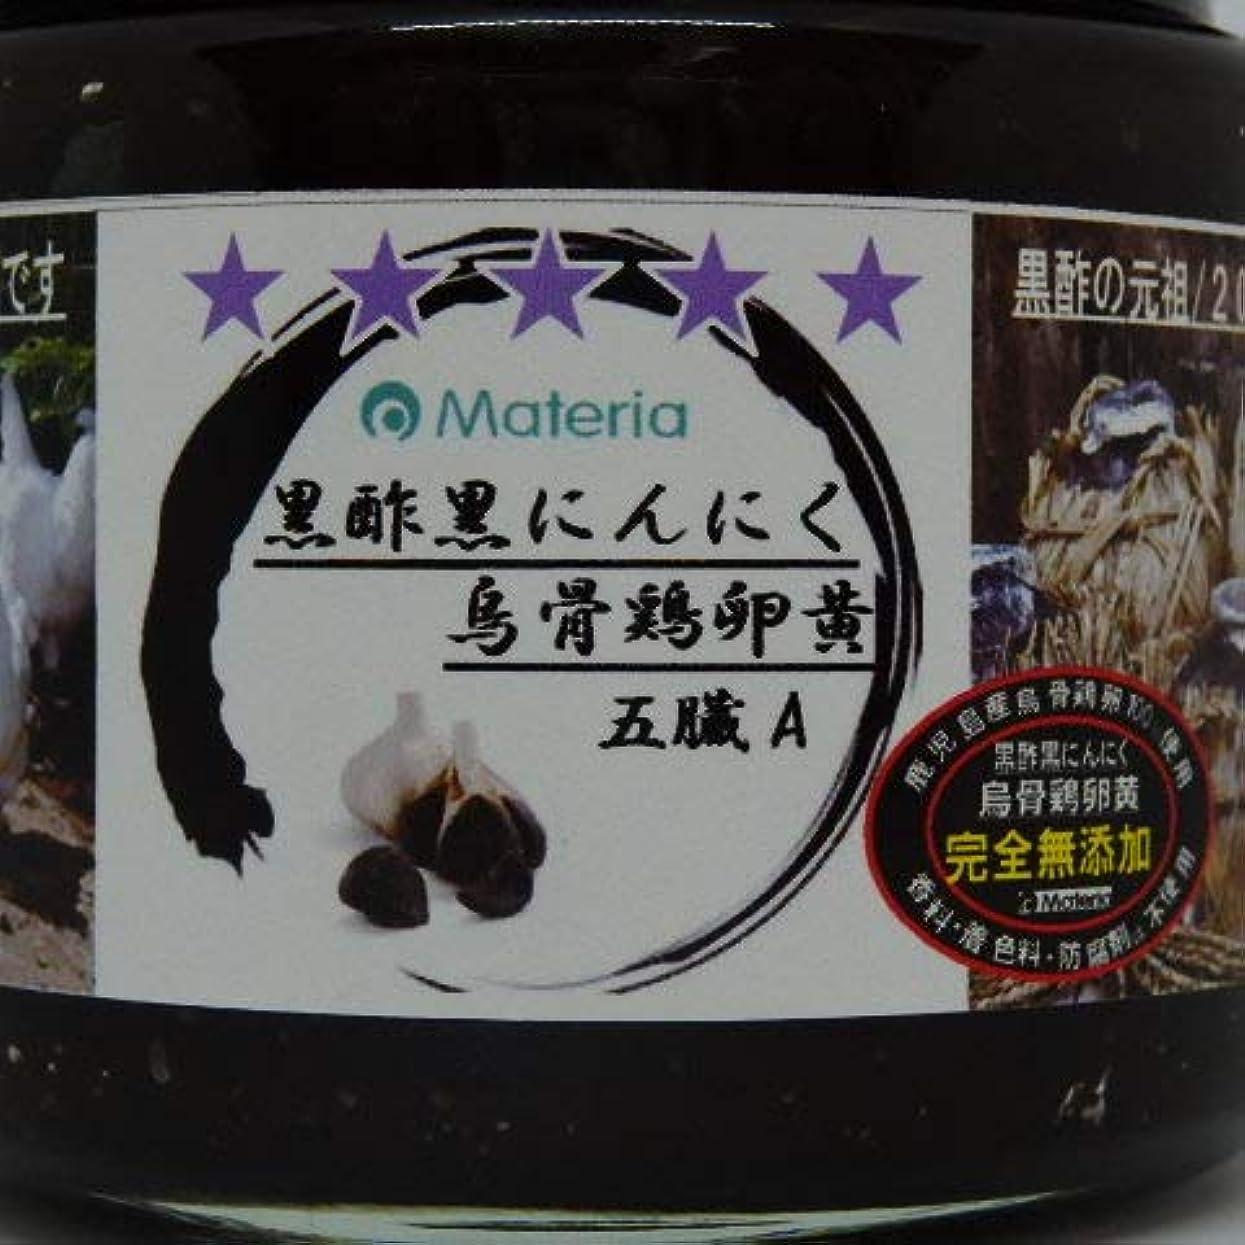 やりがいのある注意飲み込む黒酢黒にんにく烏骨鶏卵黄/五臓系ペ-スト早溶150g(1月分)¥11,600